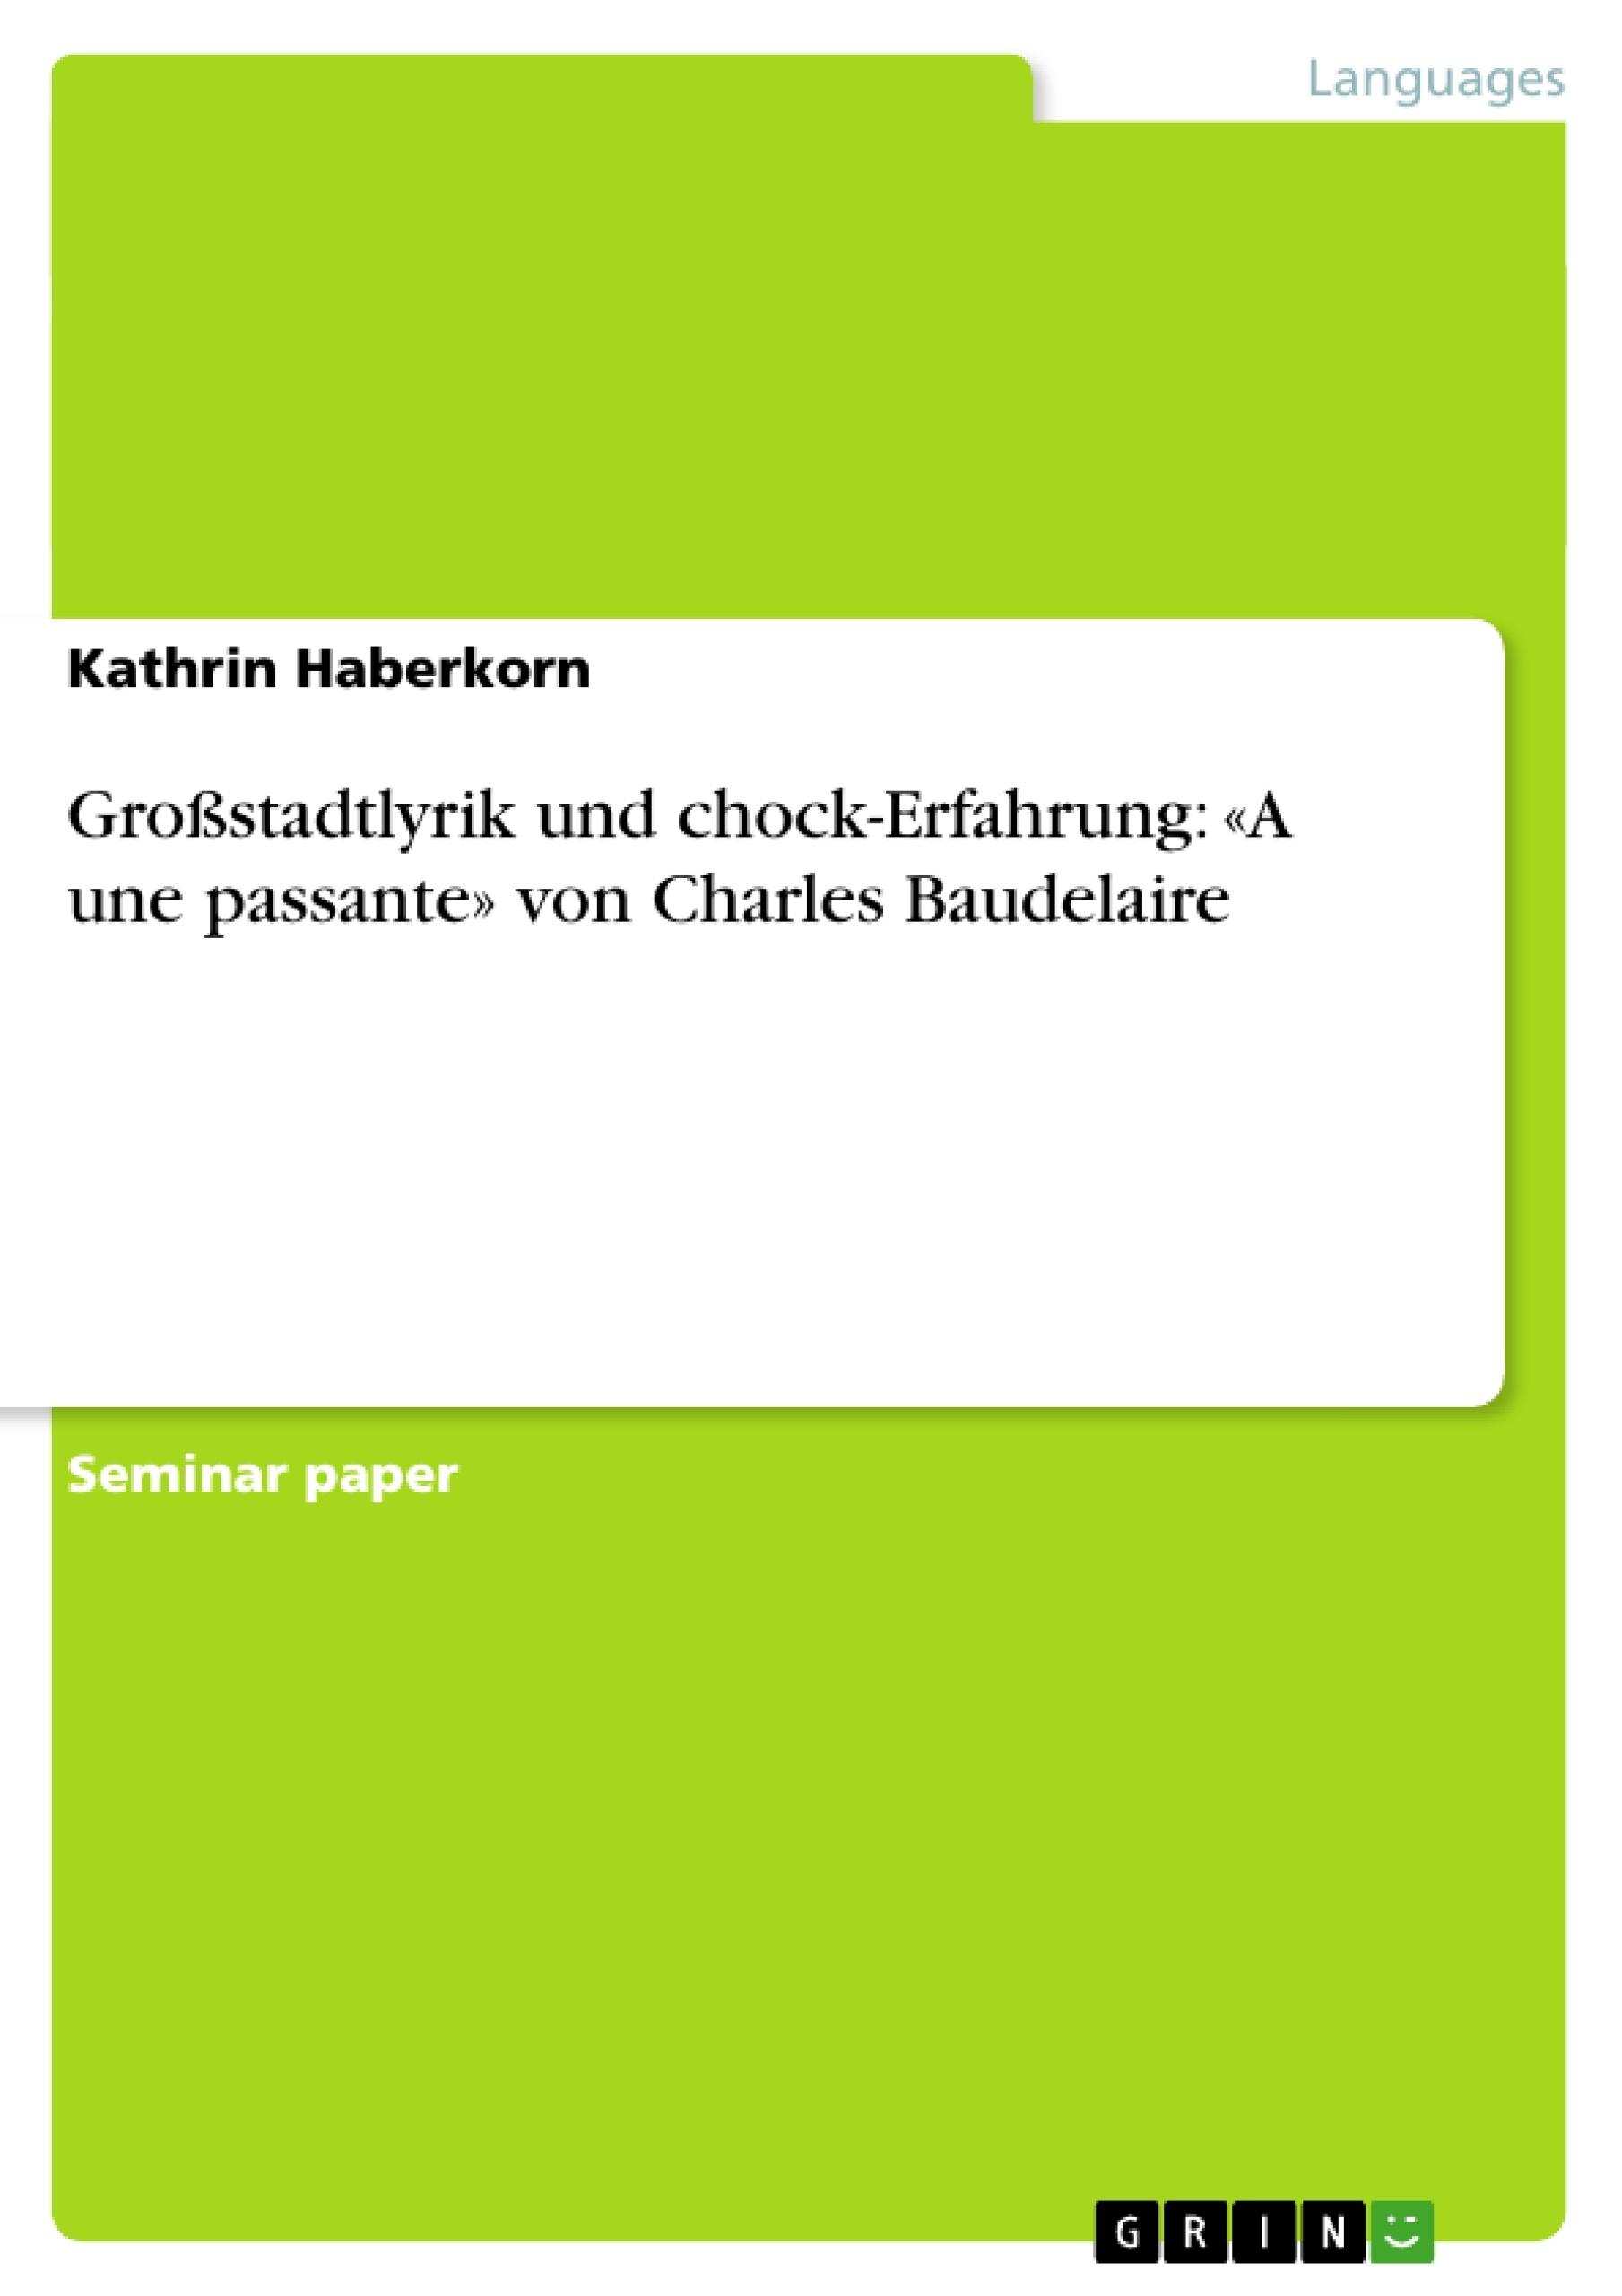 Titre: Großstadtlyrik und chock-Erfahrung: «A une passante» von Charles Baudelaire